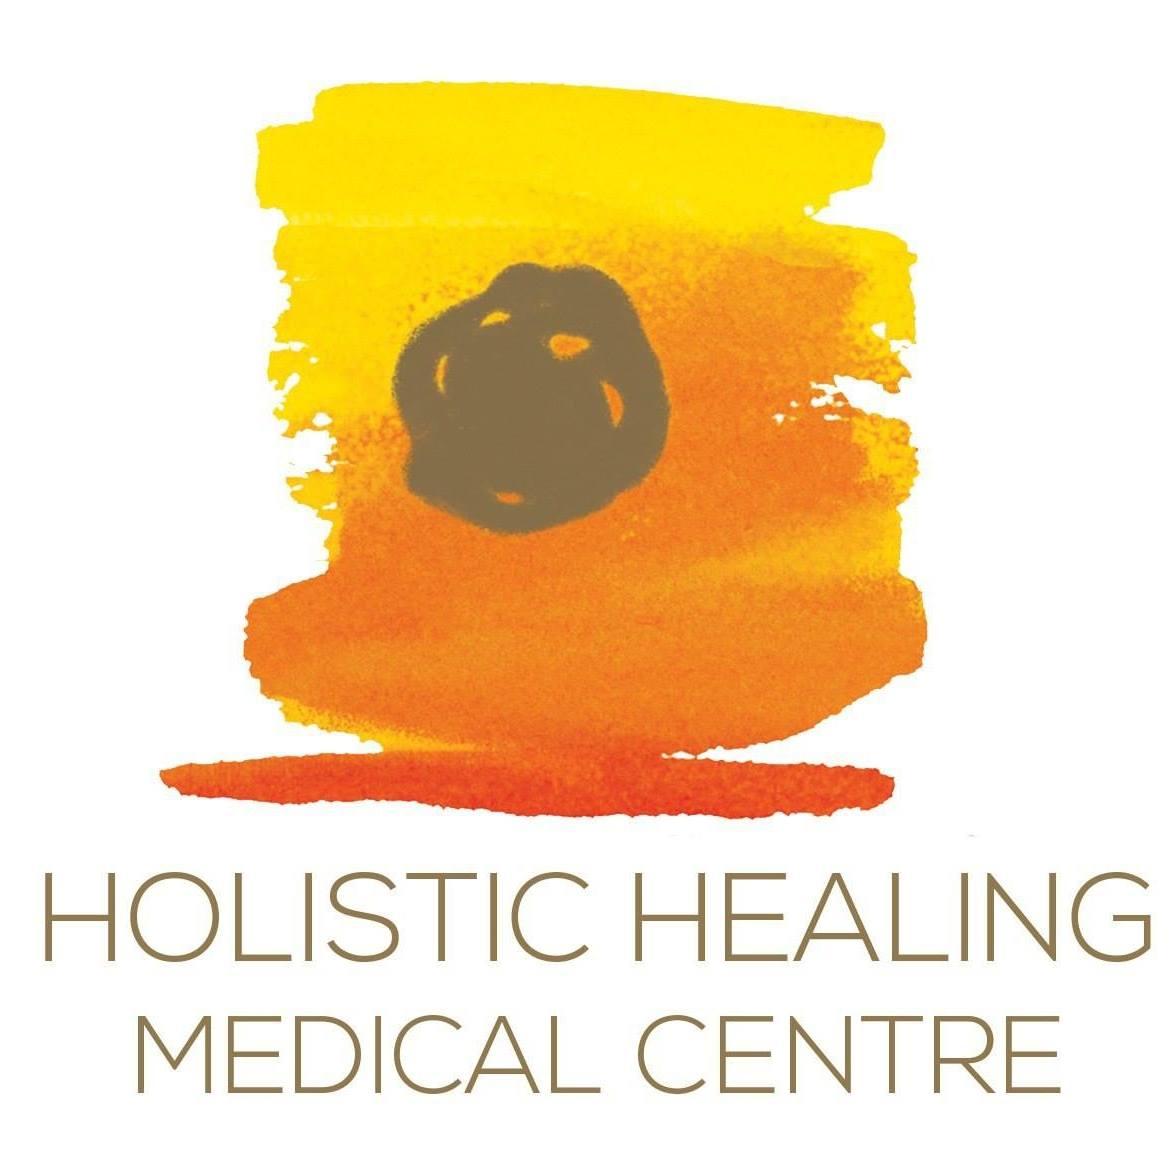 Holistic Healing Medical Center L.L.C